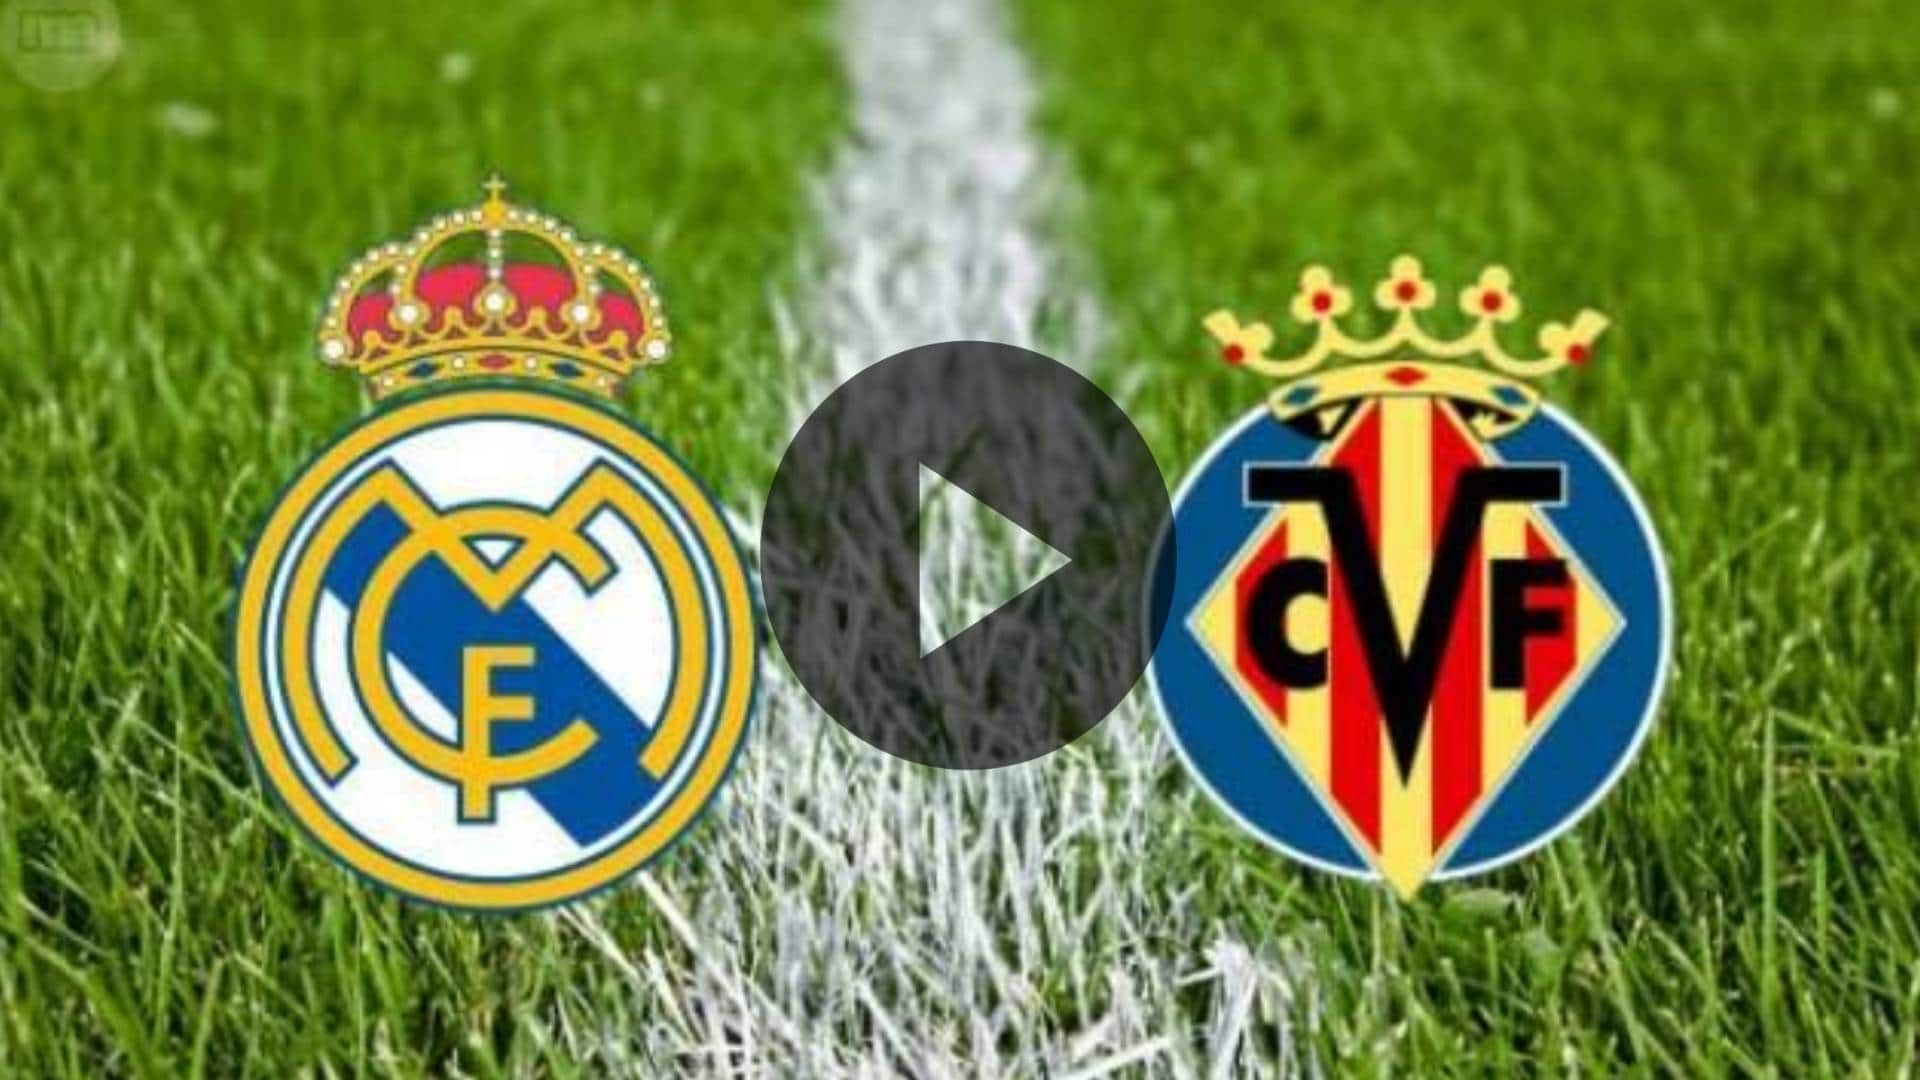 Avance del Villarreal contra el Real Madrid: Cómo ver en la TV, Live Stream, Kick Off Time y Noticias del Equipo